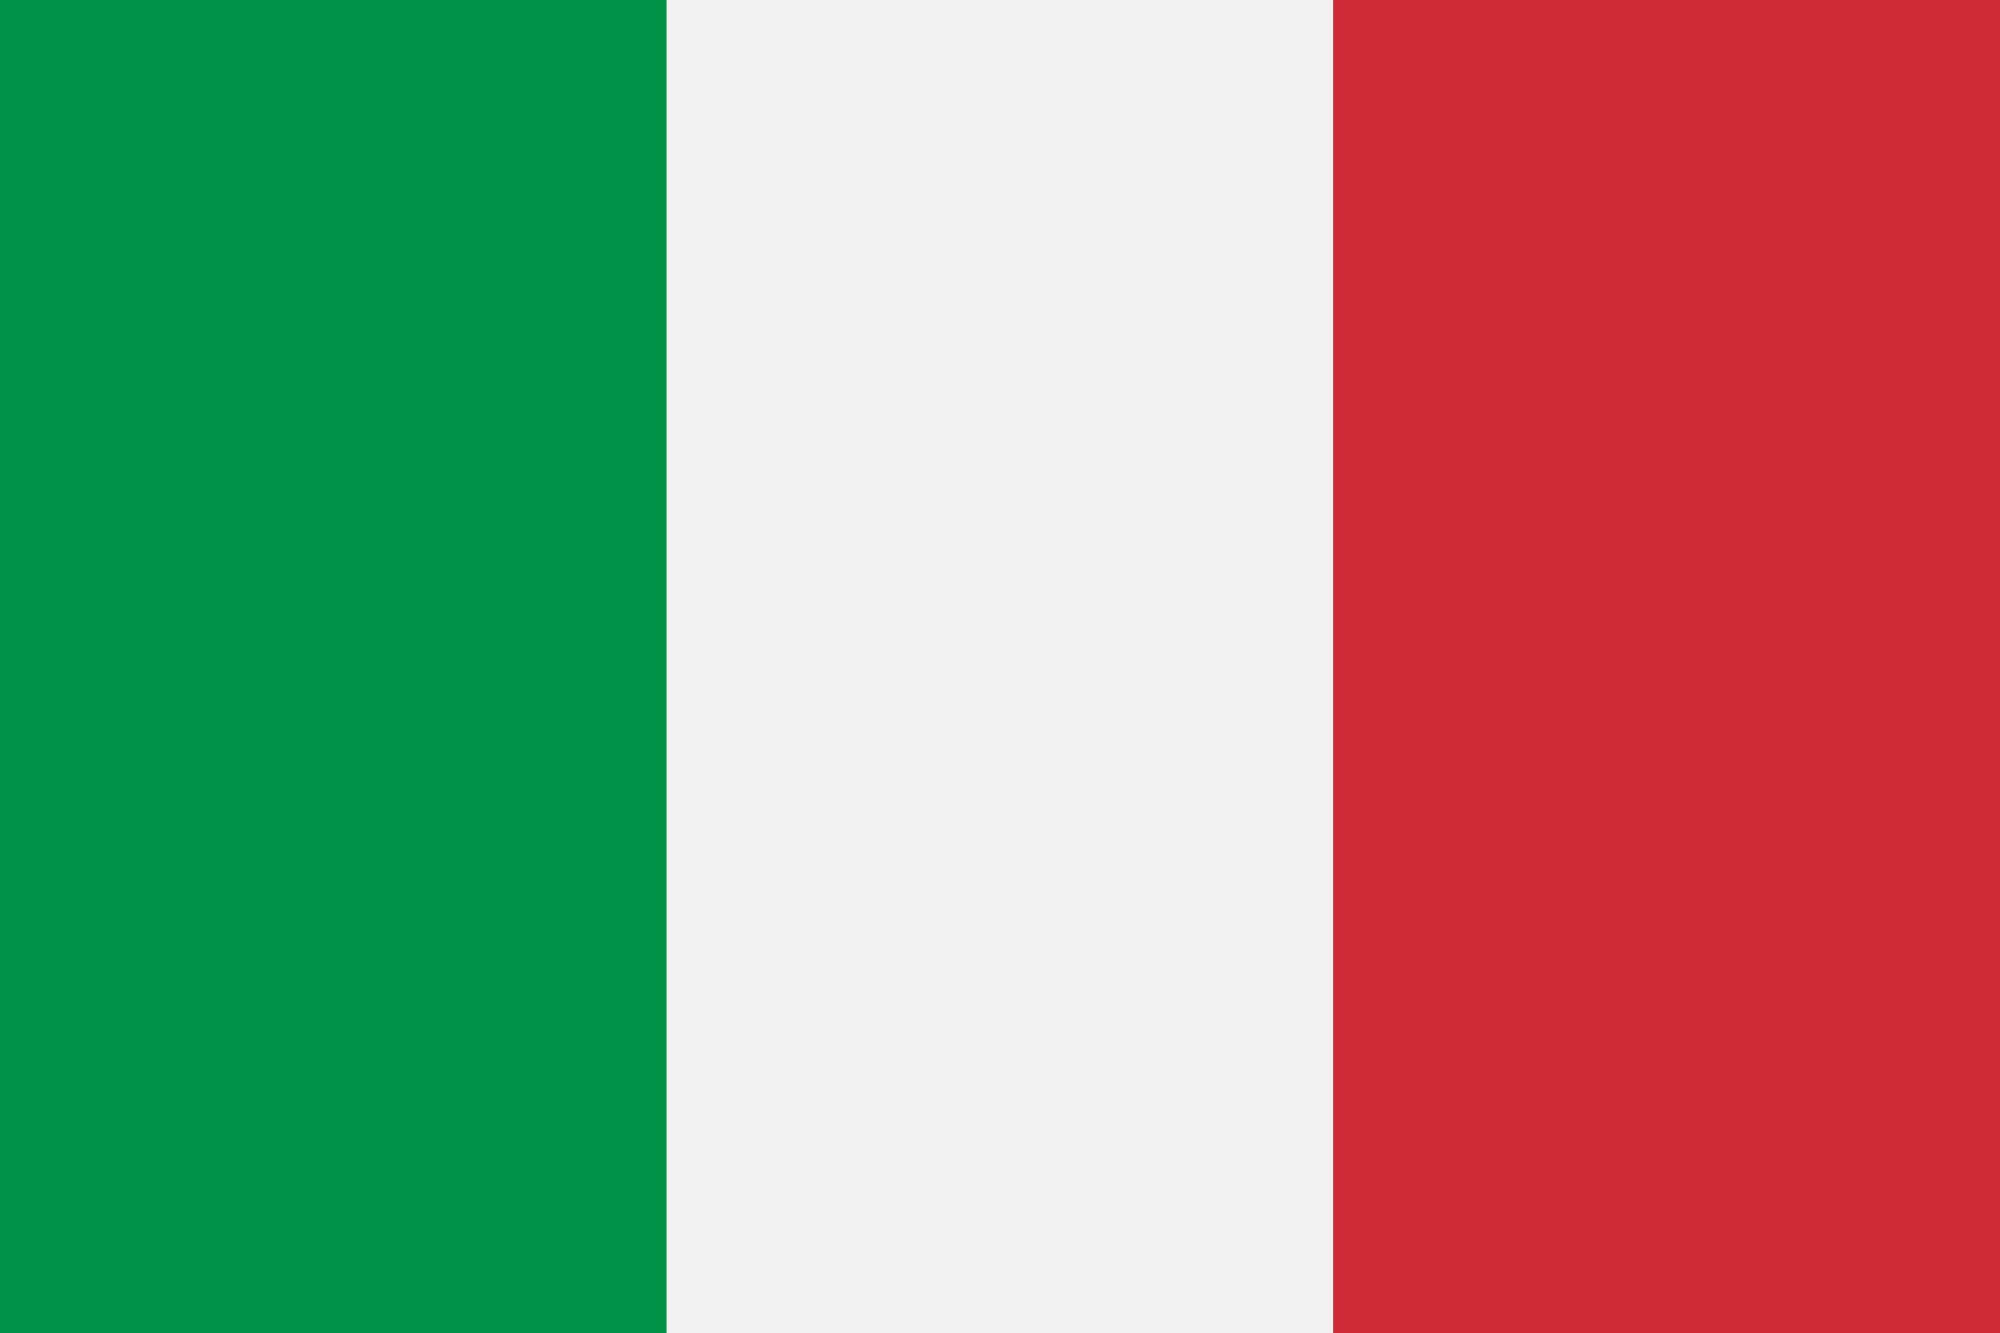 Traducteur assermenté italien français à Paris, agréé, certifié et officiel